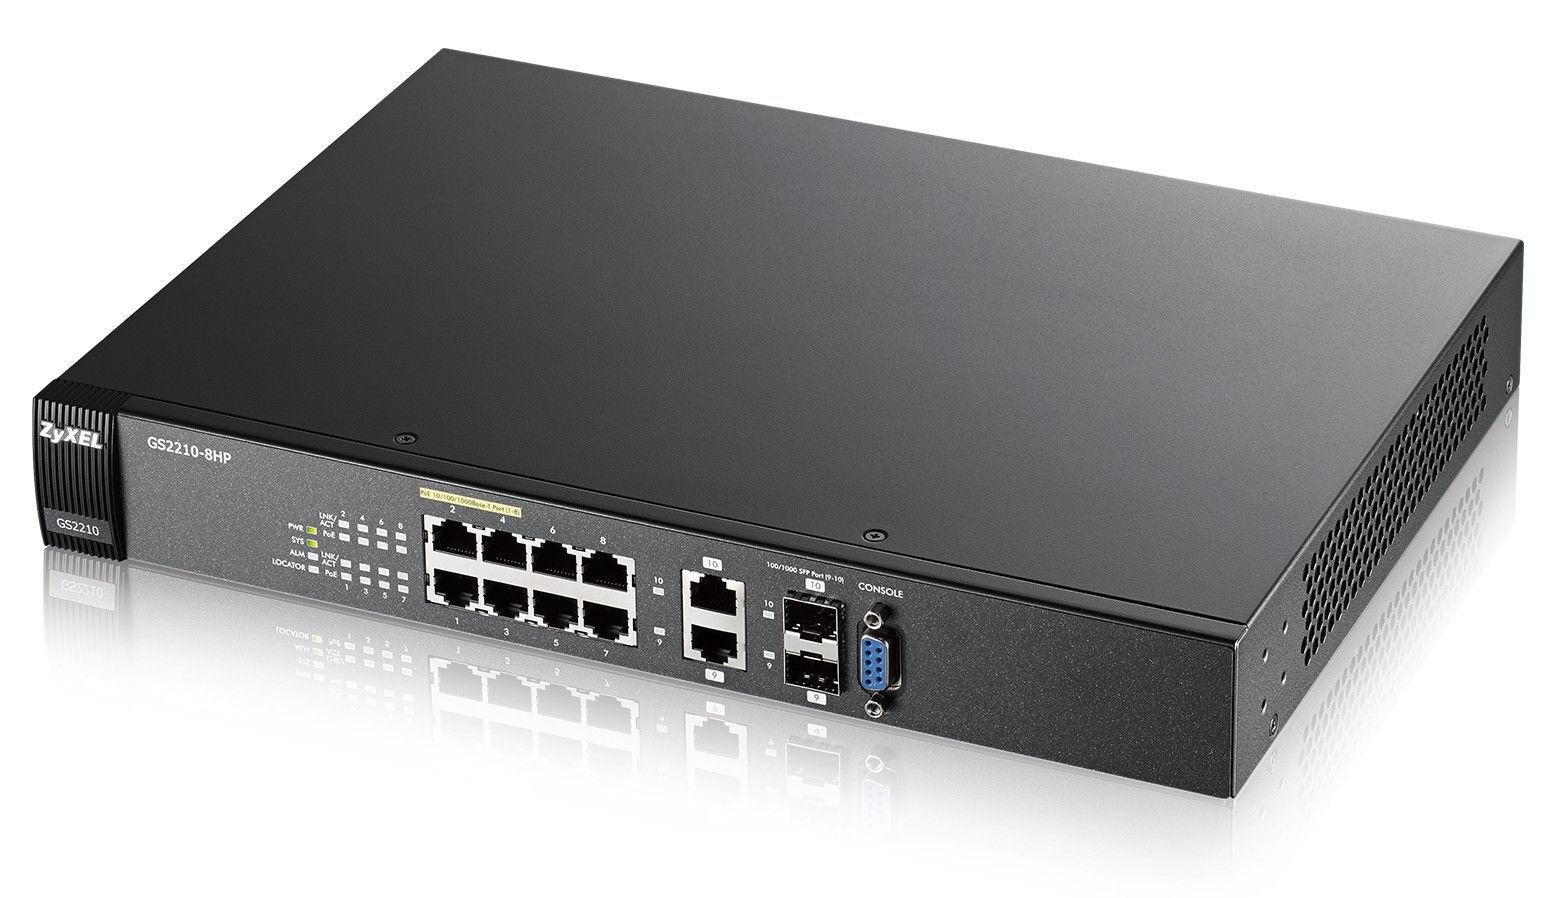 ZyXEL GS2210-8HP 8-port